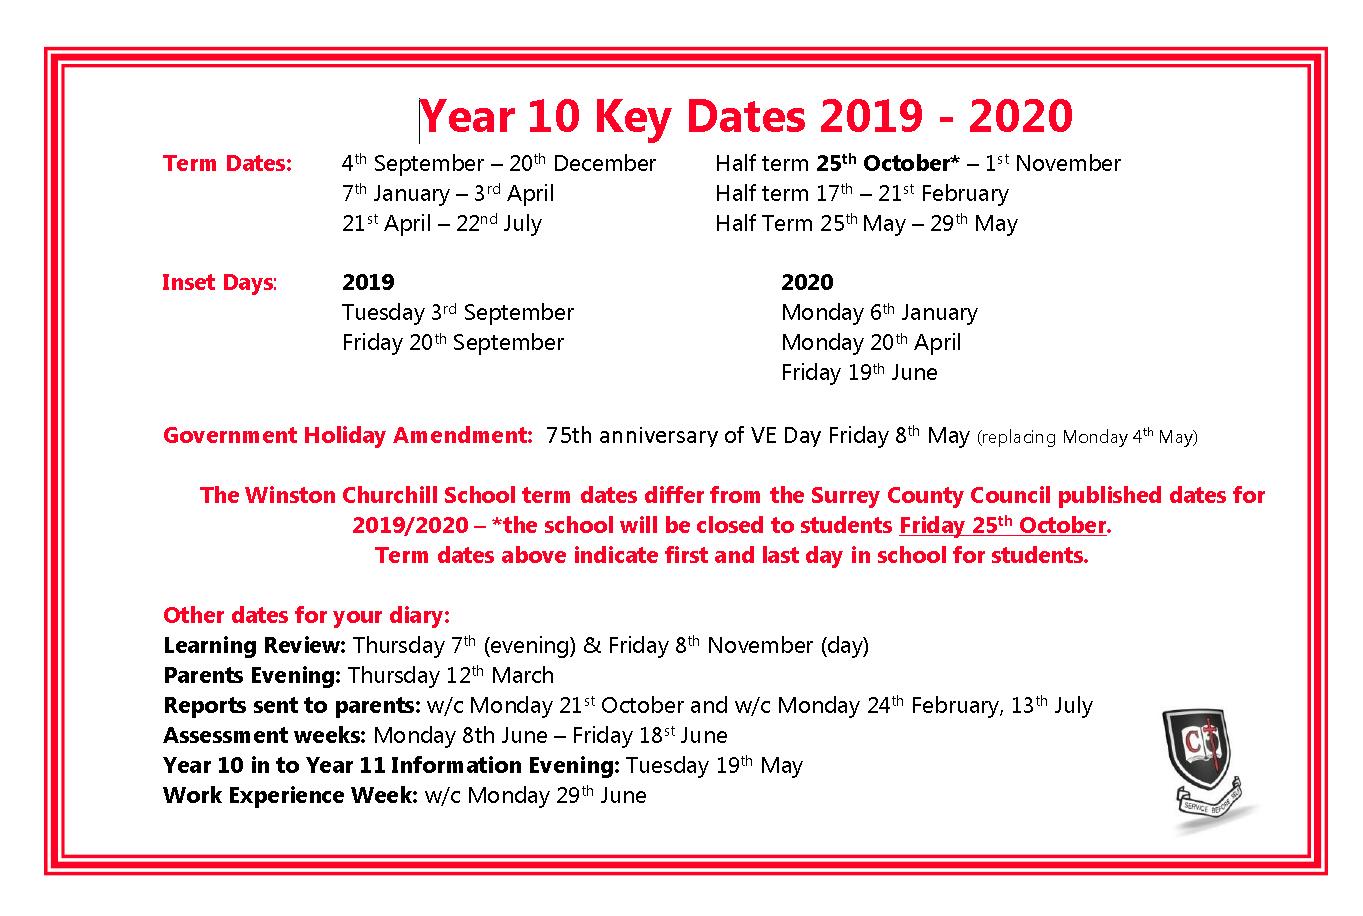 Year 10 Key Dates